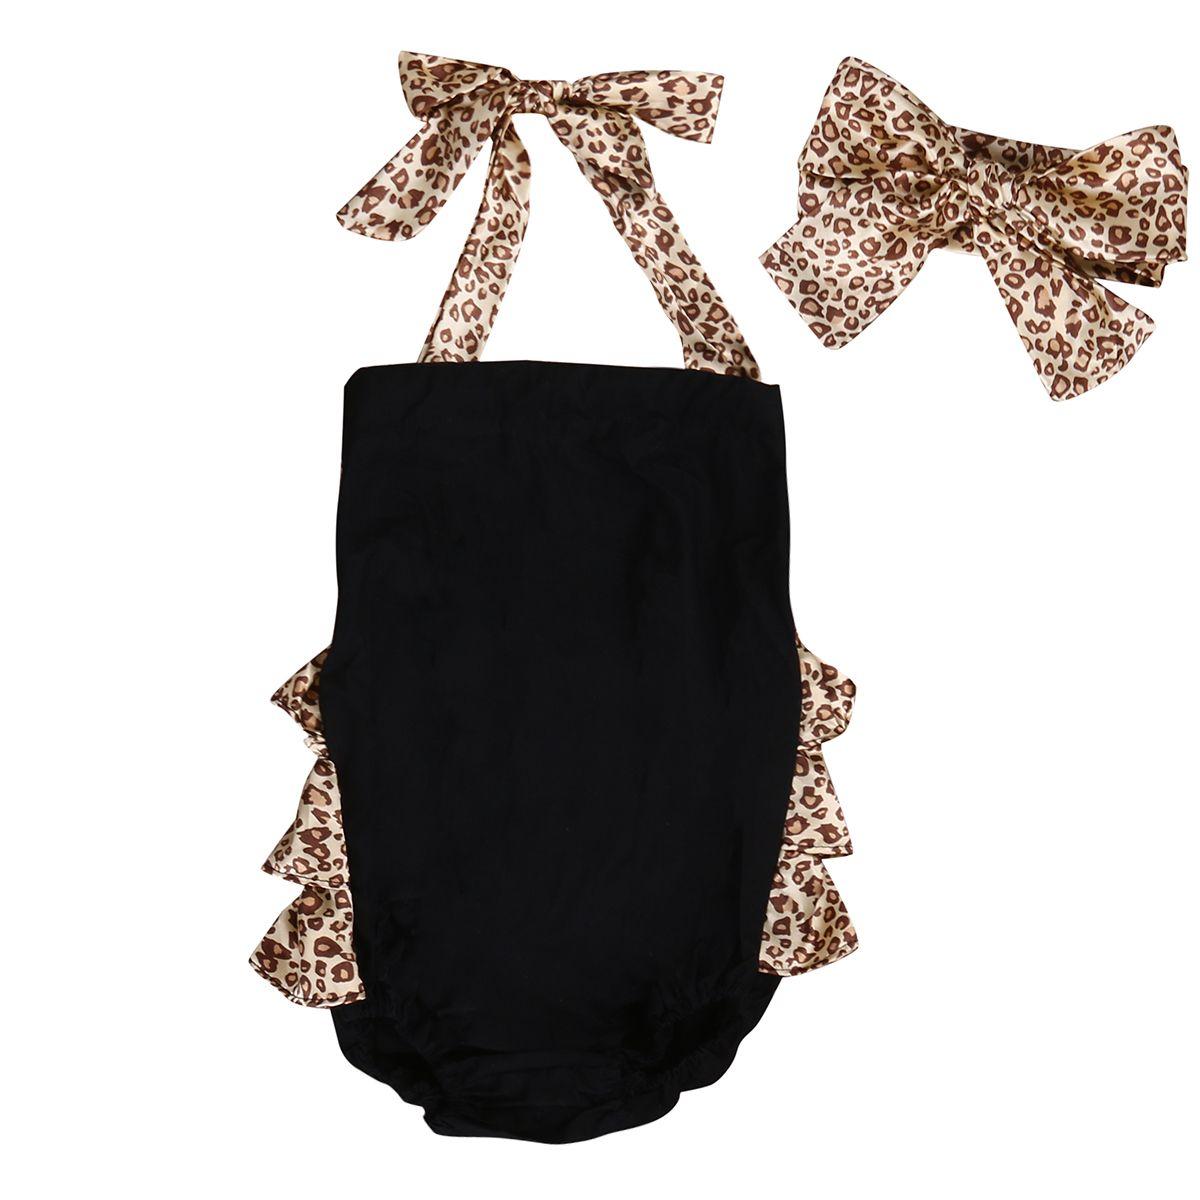 패션 신생아 아기 소녀 옷 세트 러플 스커트 Babysuit 장난 꾸러기 + 표범 머리띠 2 개 Bebek Giyim 복장 아이 Sunsuit